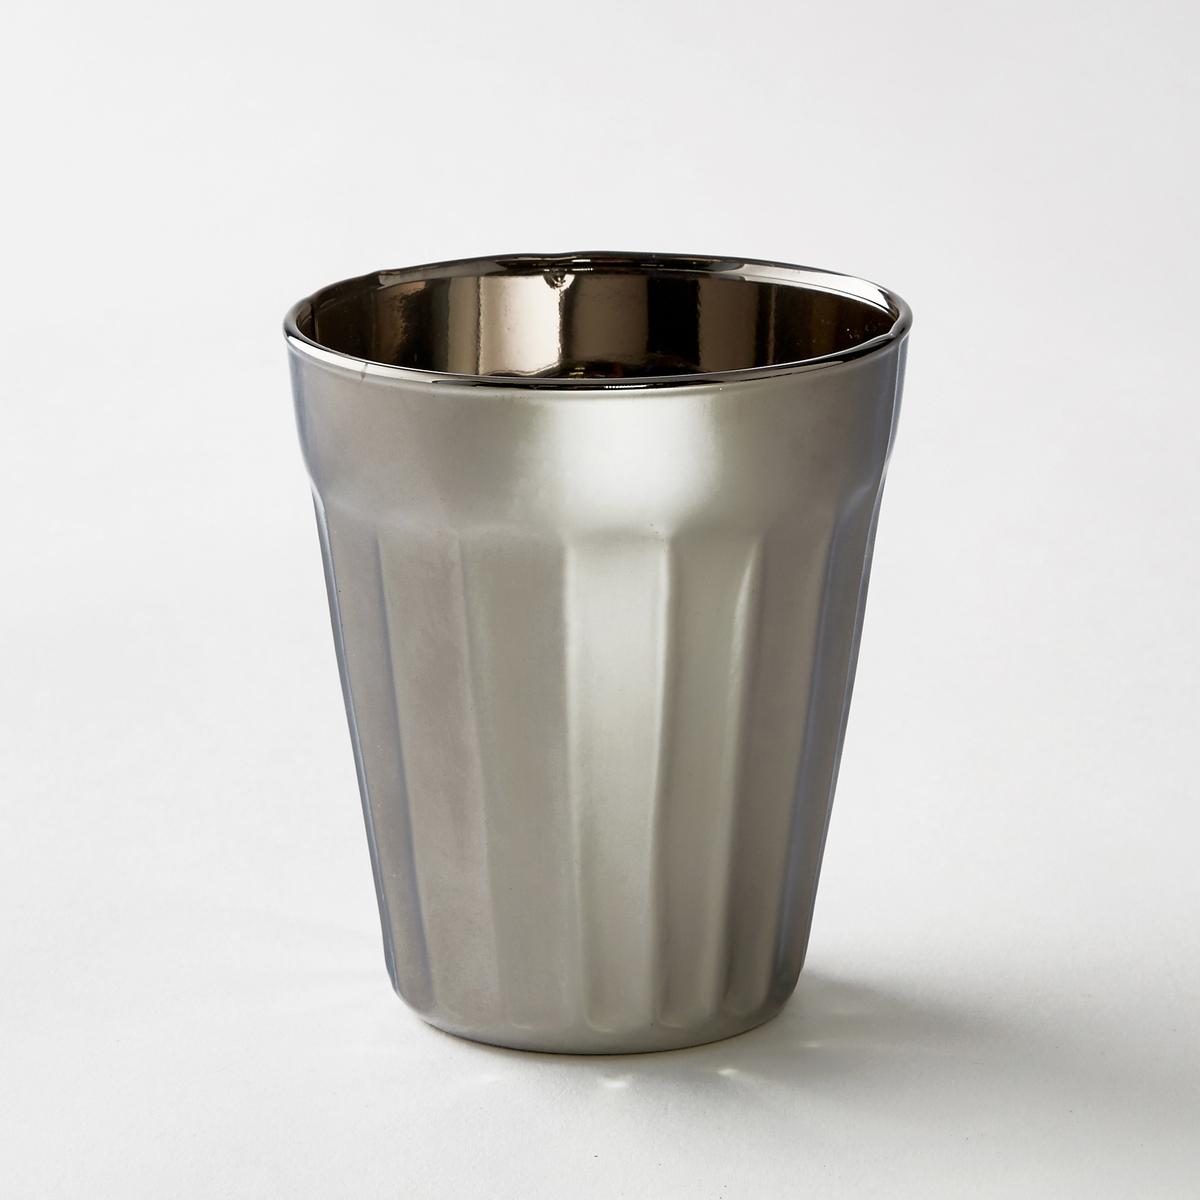 4 стакана серебристых маленькая модель Tagla